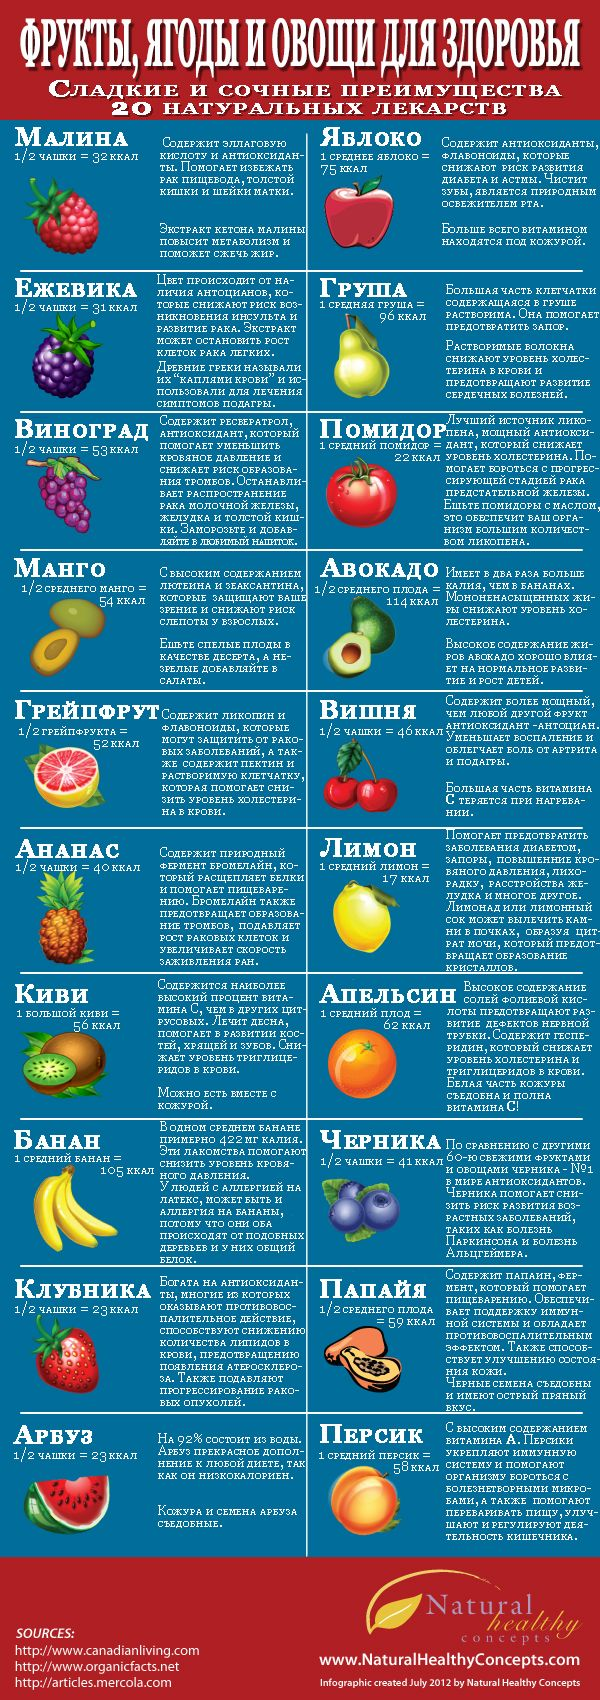 Почему ягоды и фрукты полезны для вашего здоровья